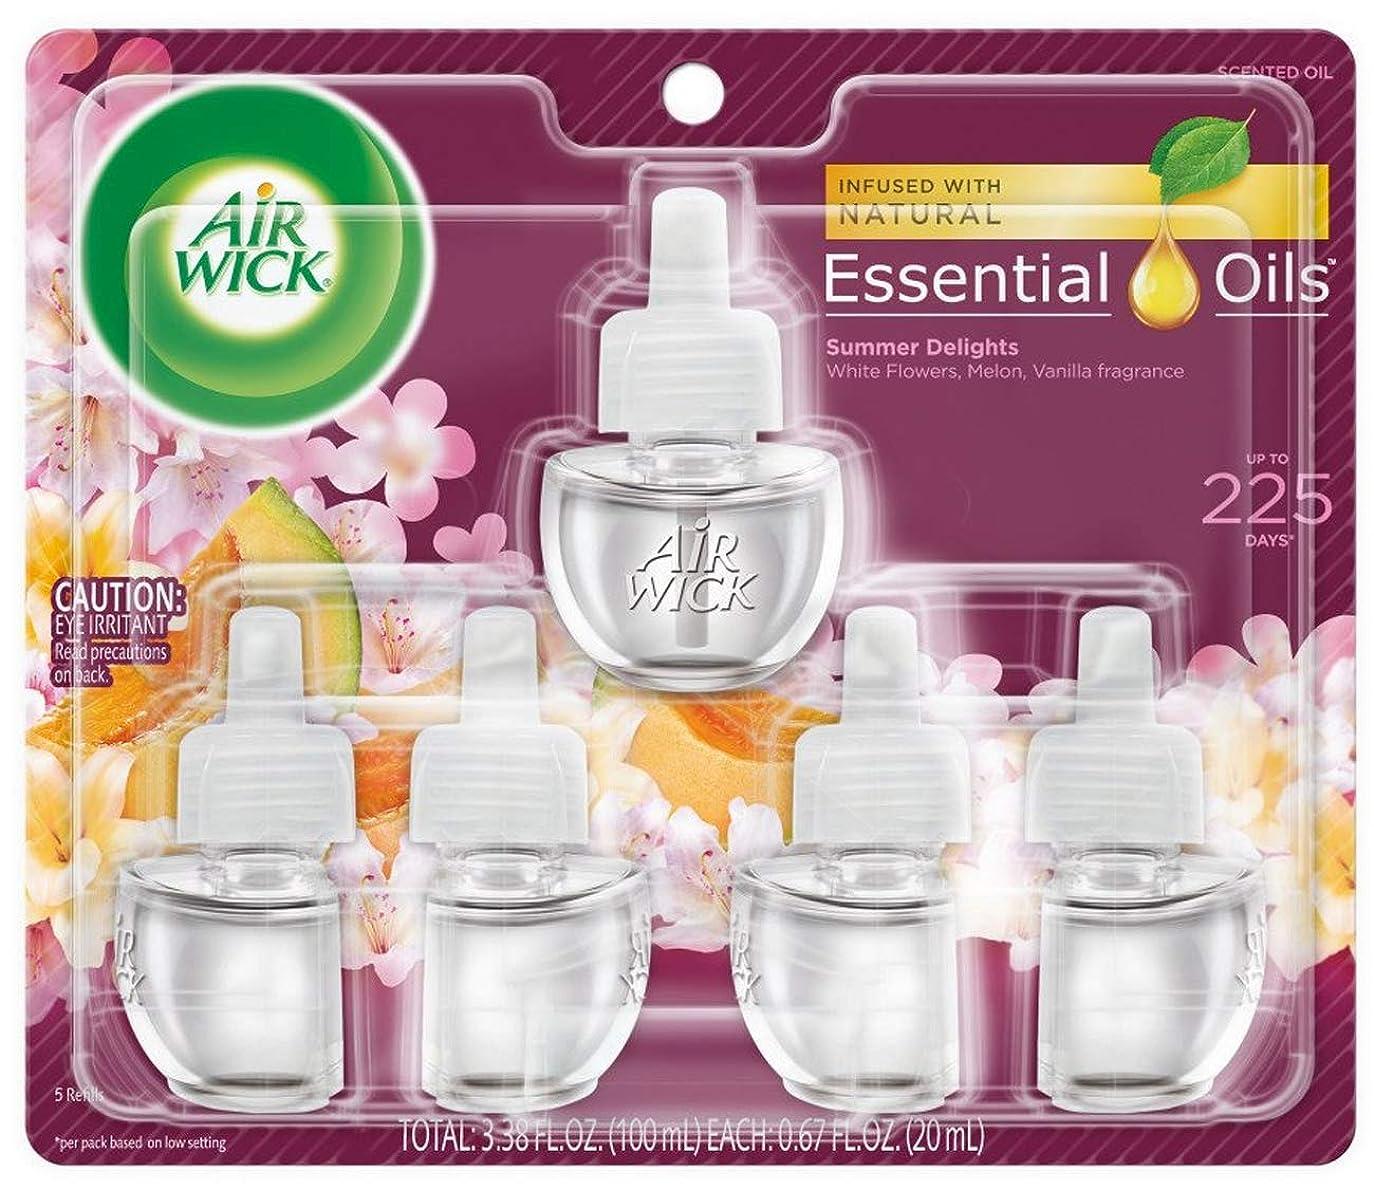 ディーラーグリース野ウサギエアーウィック オイル プラグイン 詰替ボトル フレグランス 芳香剤 サマーデライト 20ml 5個セット Air Wick 海外直送